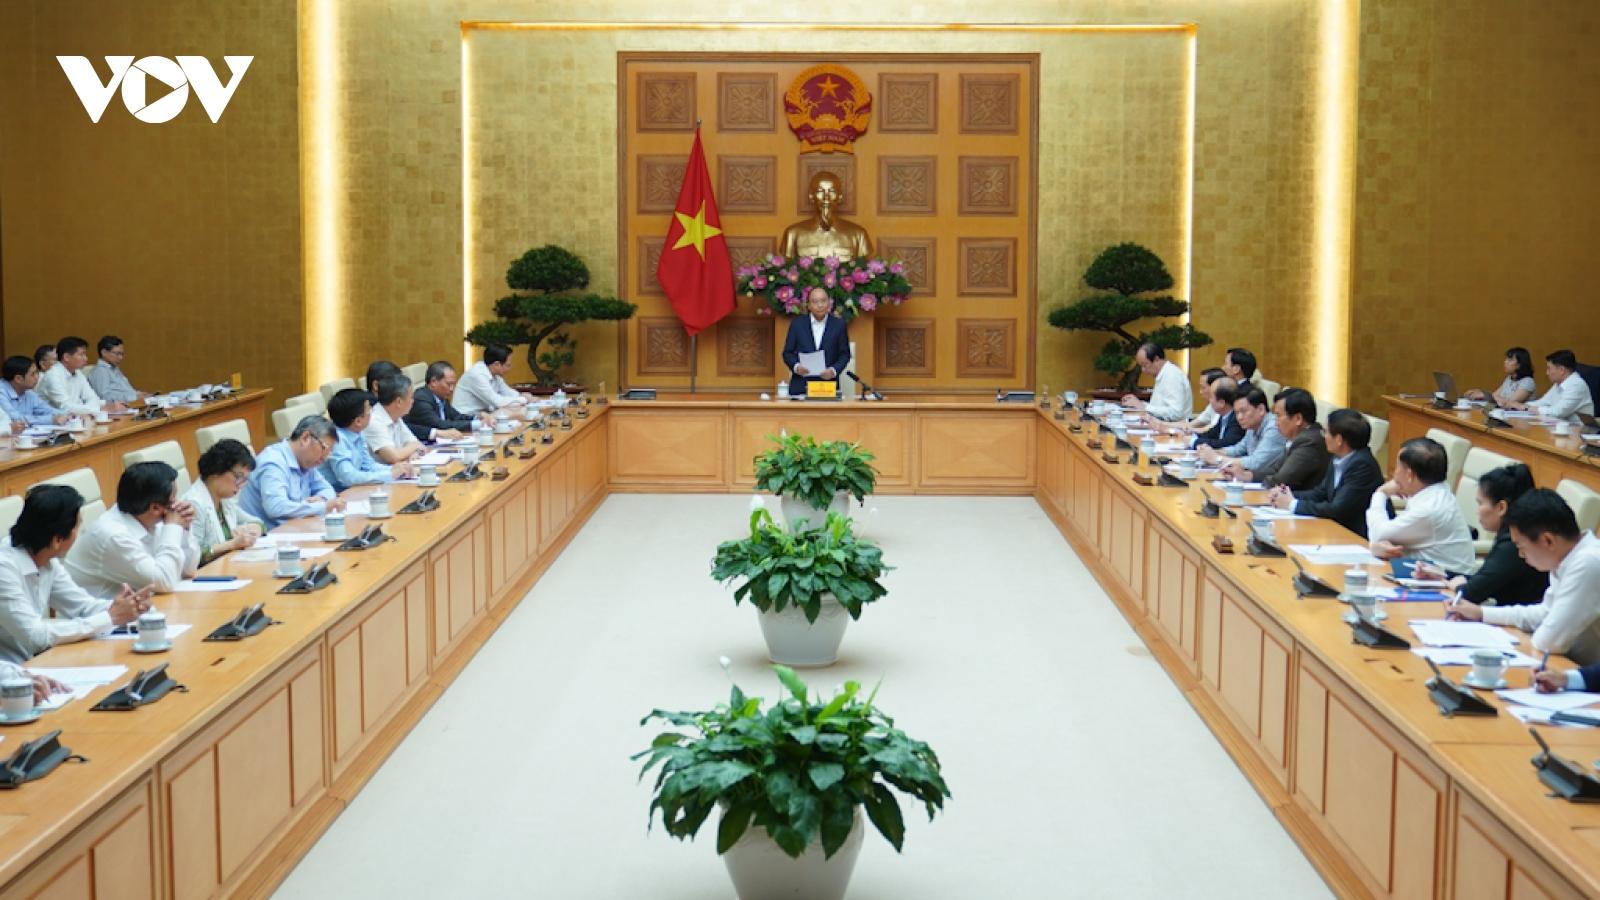 Thủ tướng đề nghị doanh nghiệp dệt may tận dụng cơ hội từ các FTA